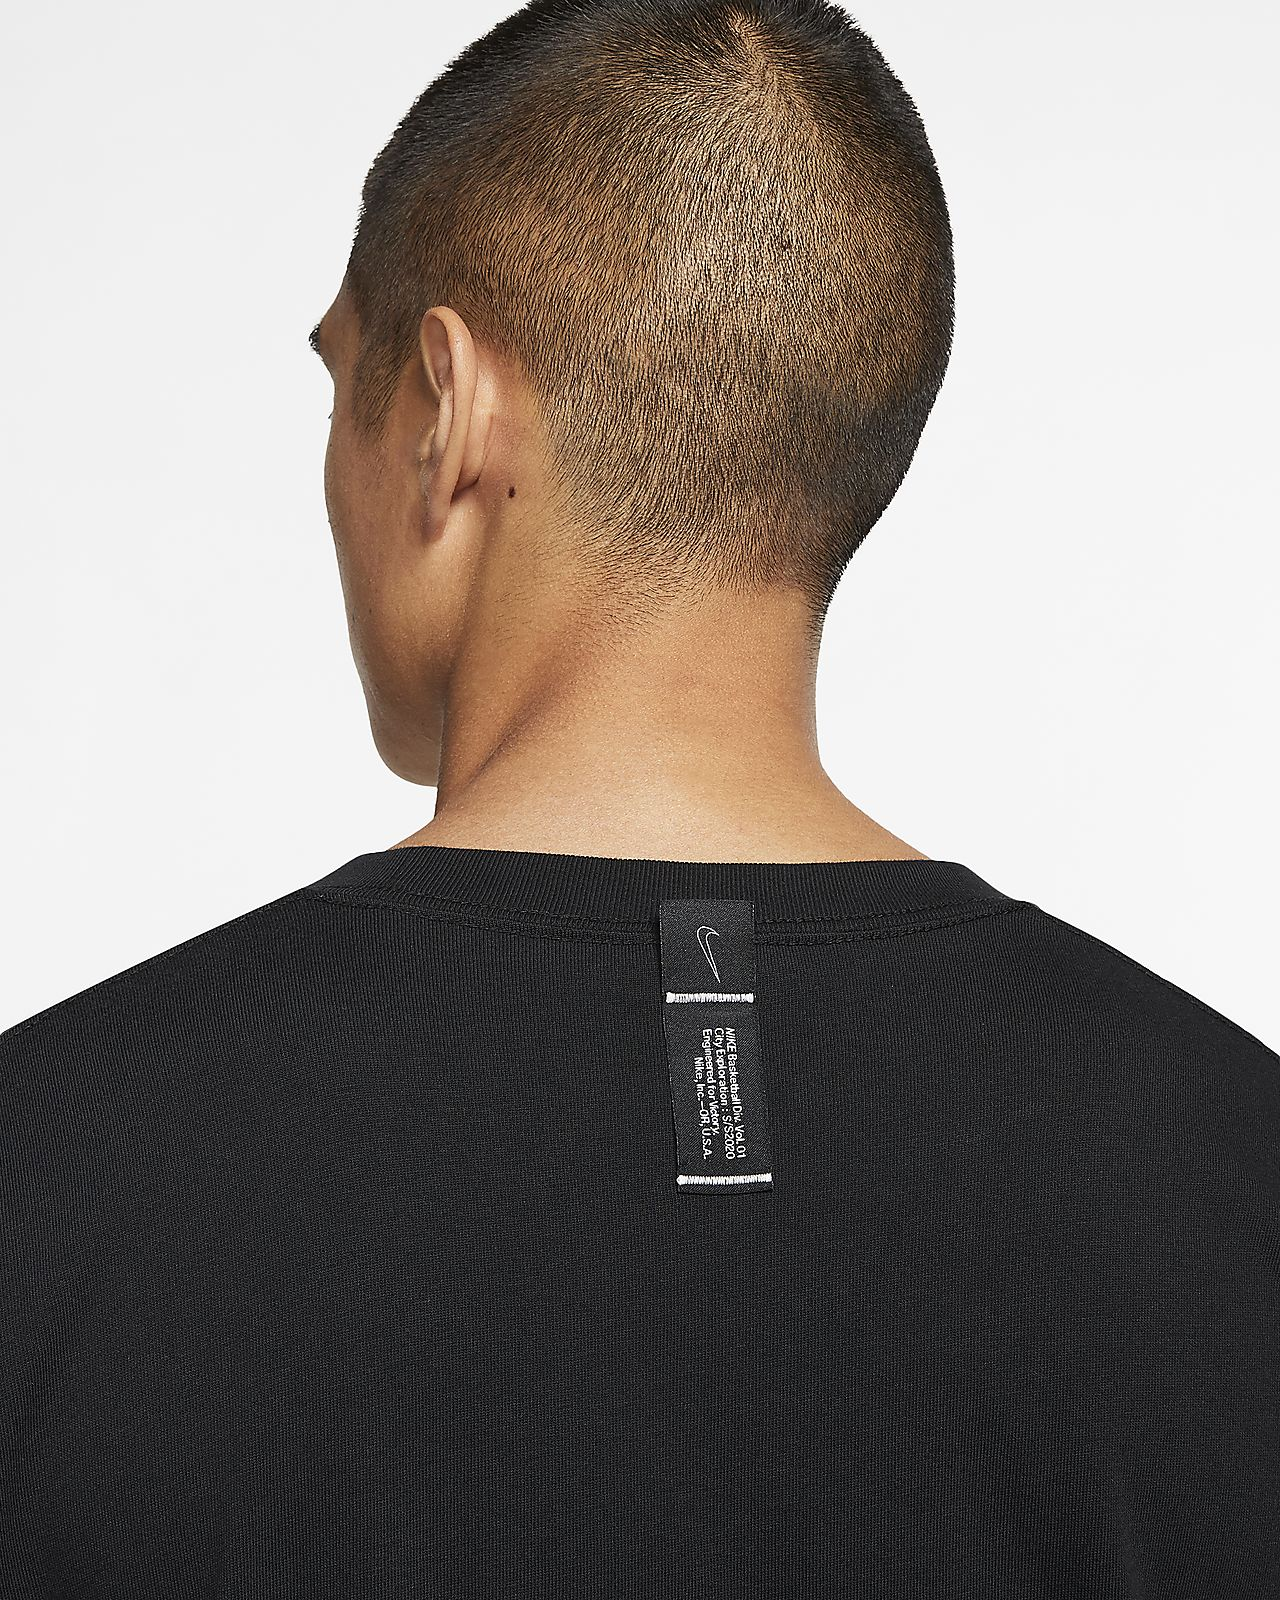 nike 01 t shirt